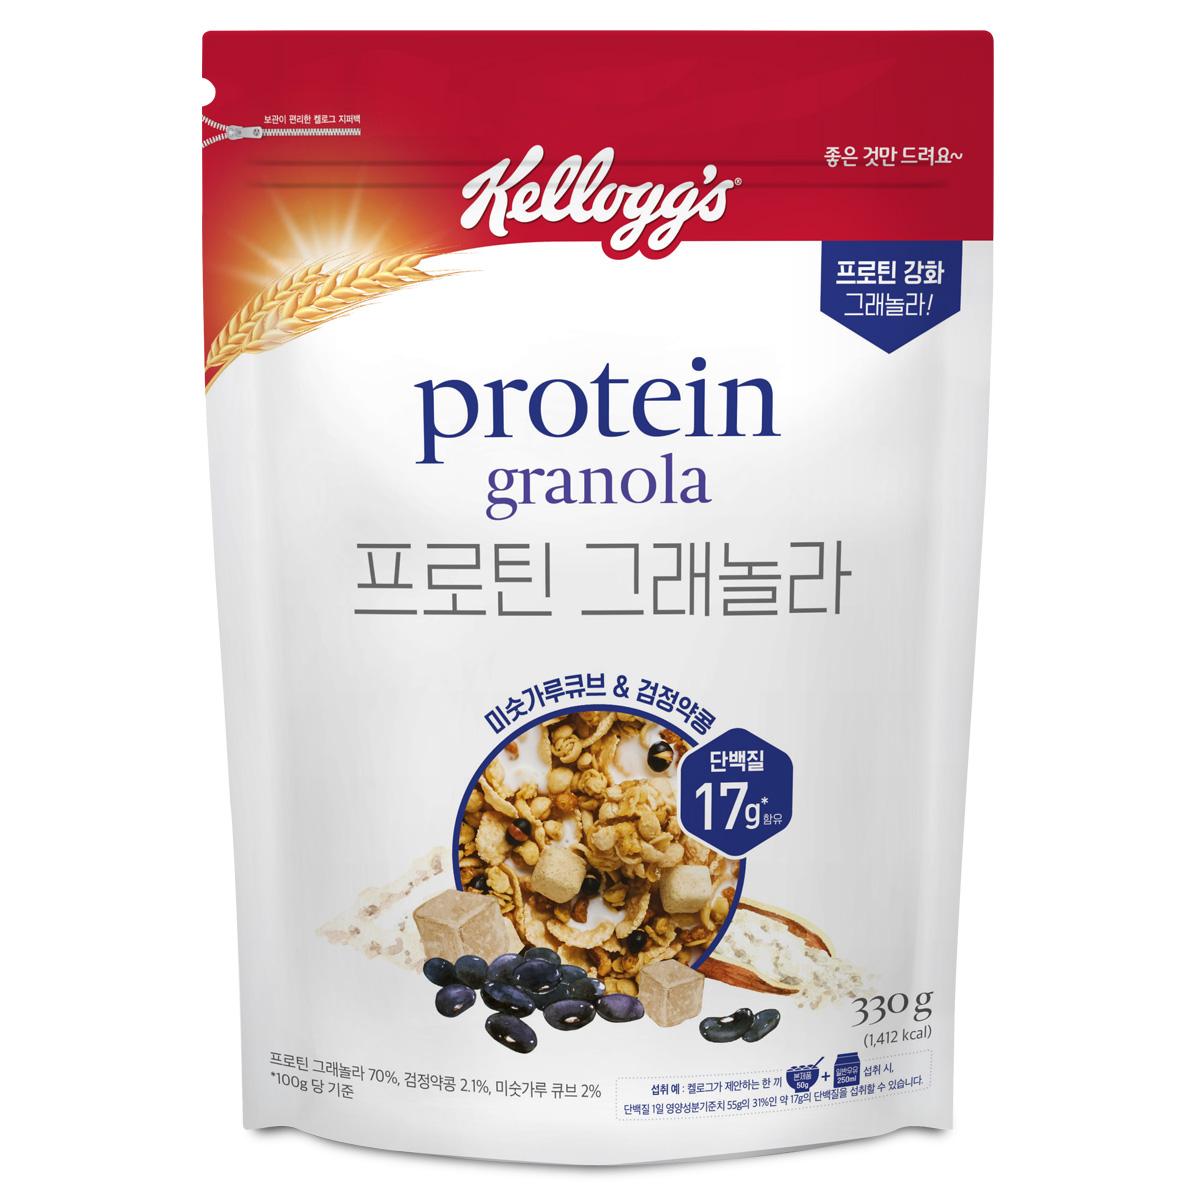 켈로그 프로틴그래놀라 미숫가루앤검정약콩, 330g, 1개입